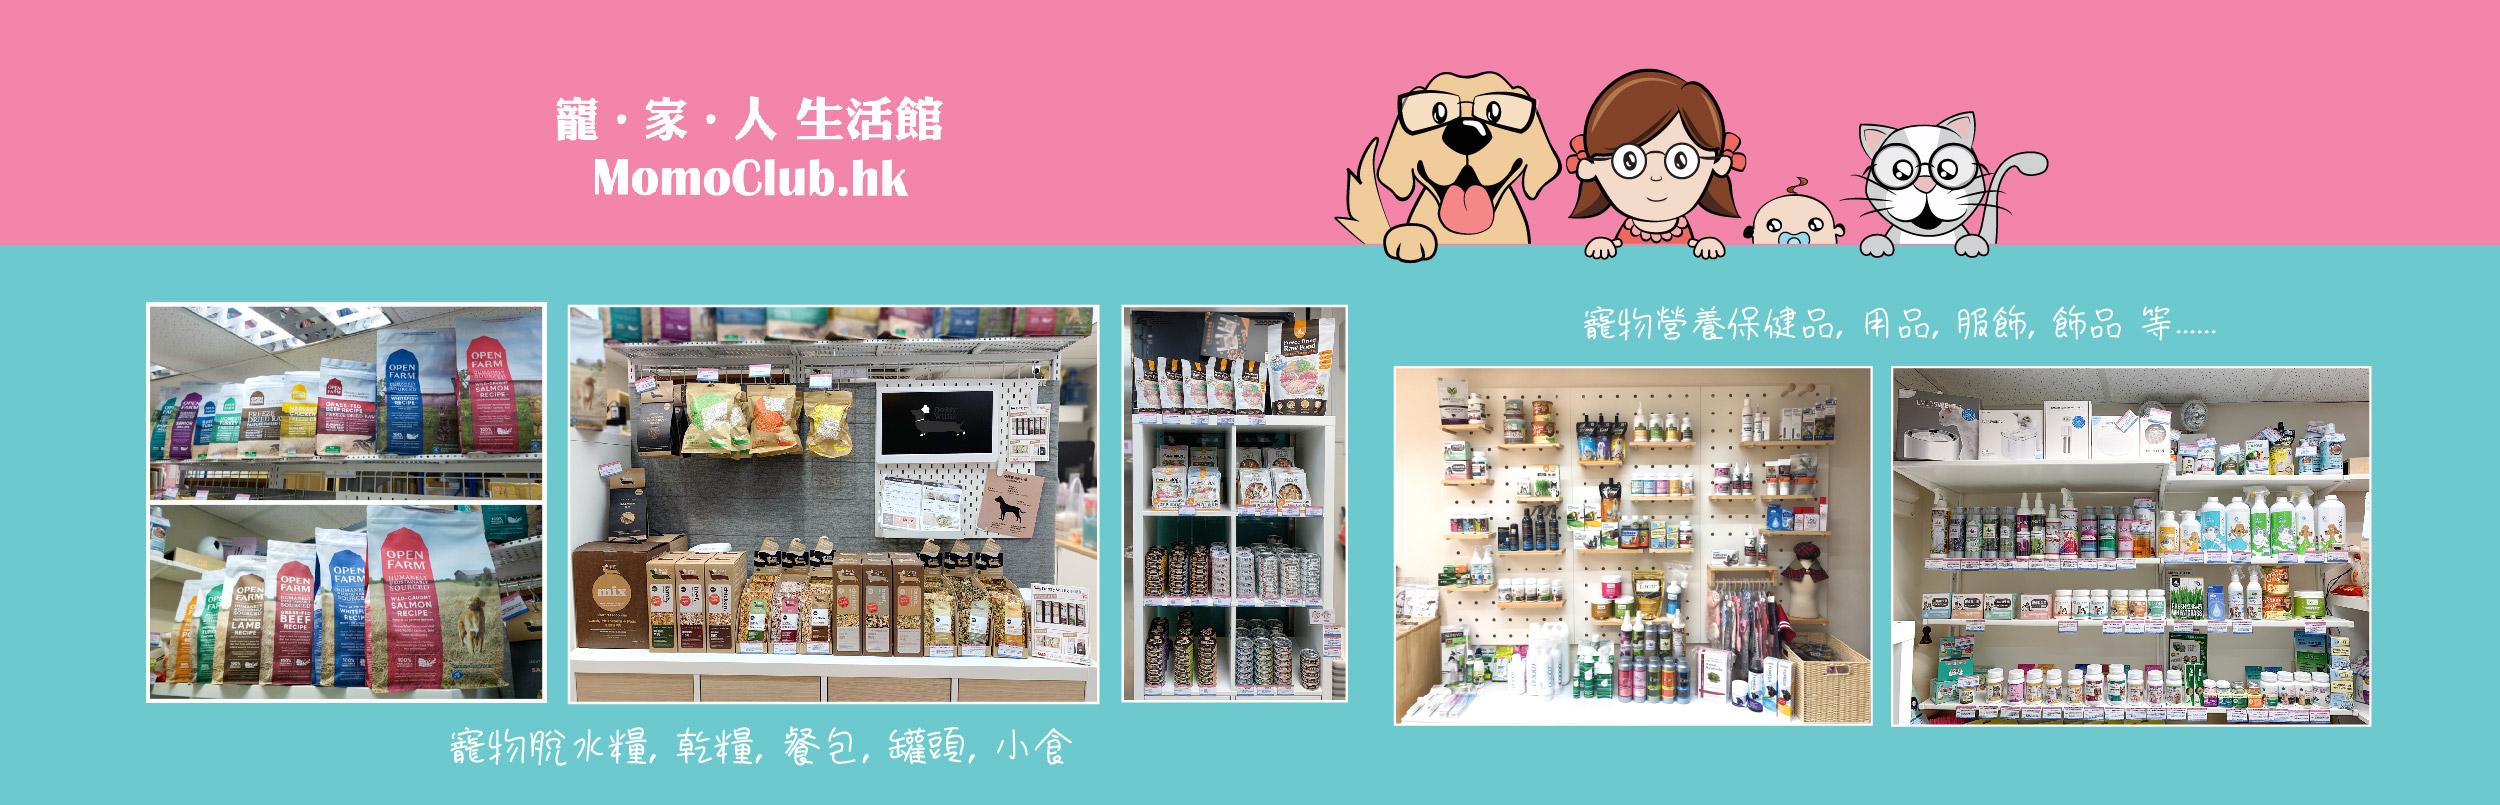 MomoClub.hk